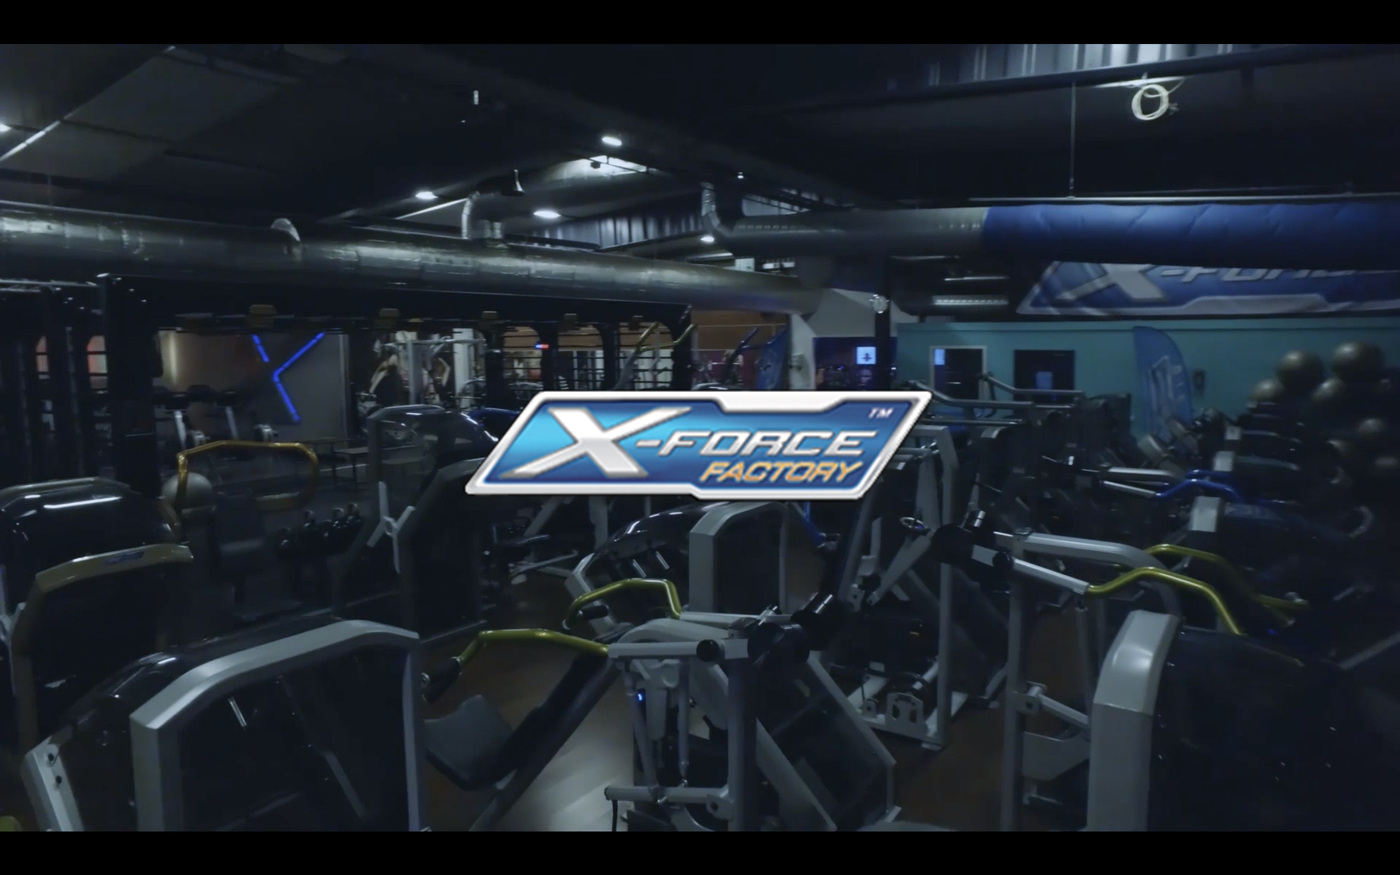 Erik Elvmarker - X-Force Factory Lidköping